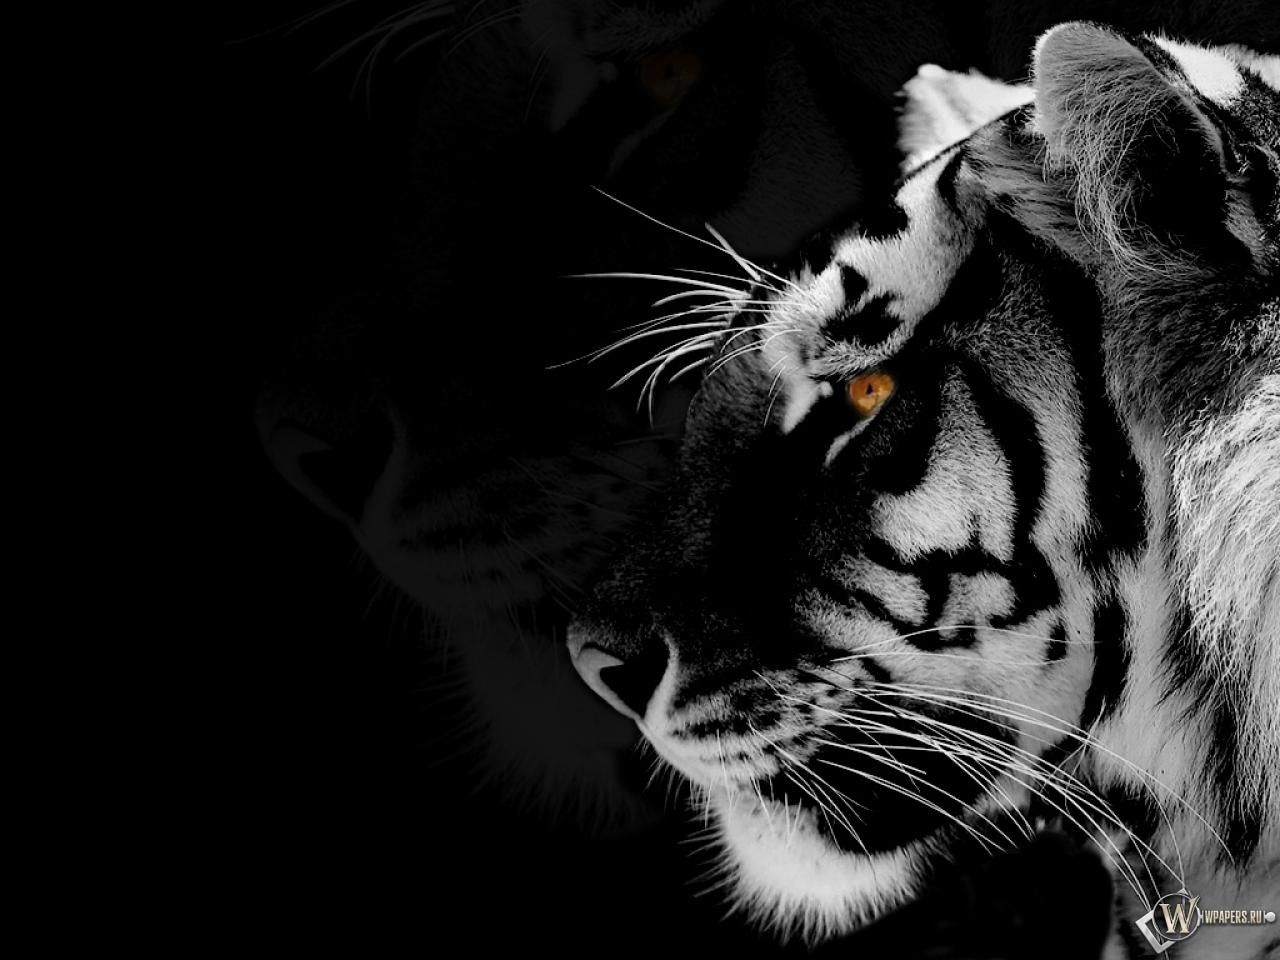 Black Tiger Wallpaper Widescreen